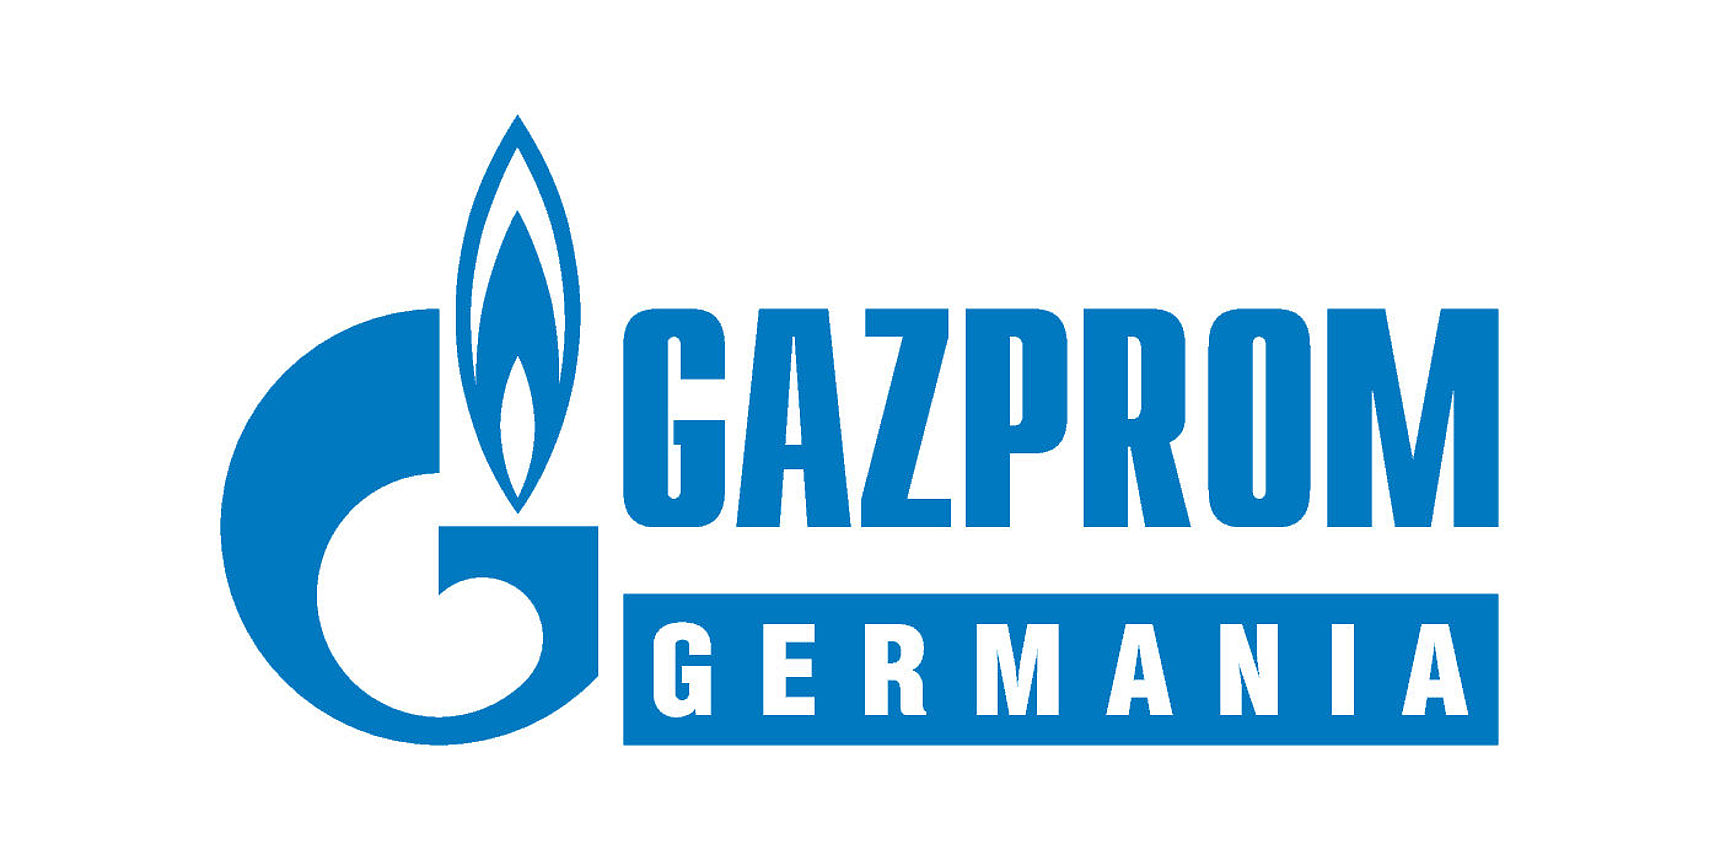 Gazprom Logo Deutschland Tour